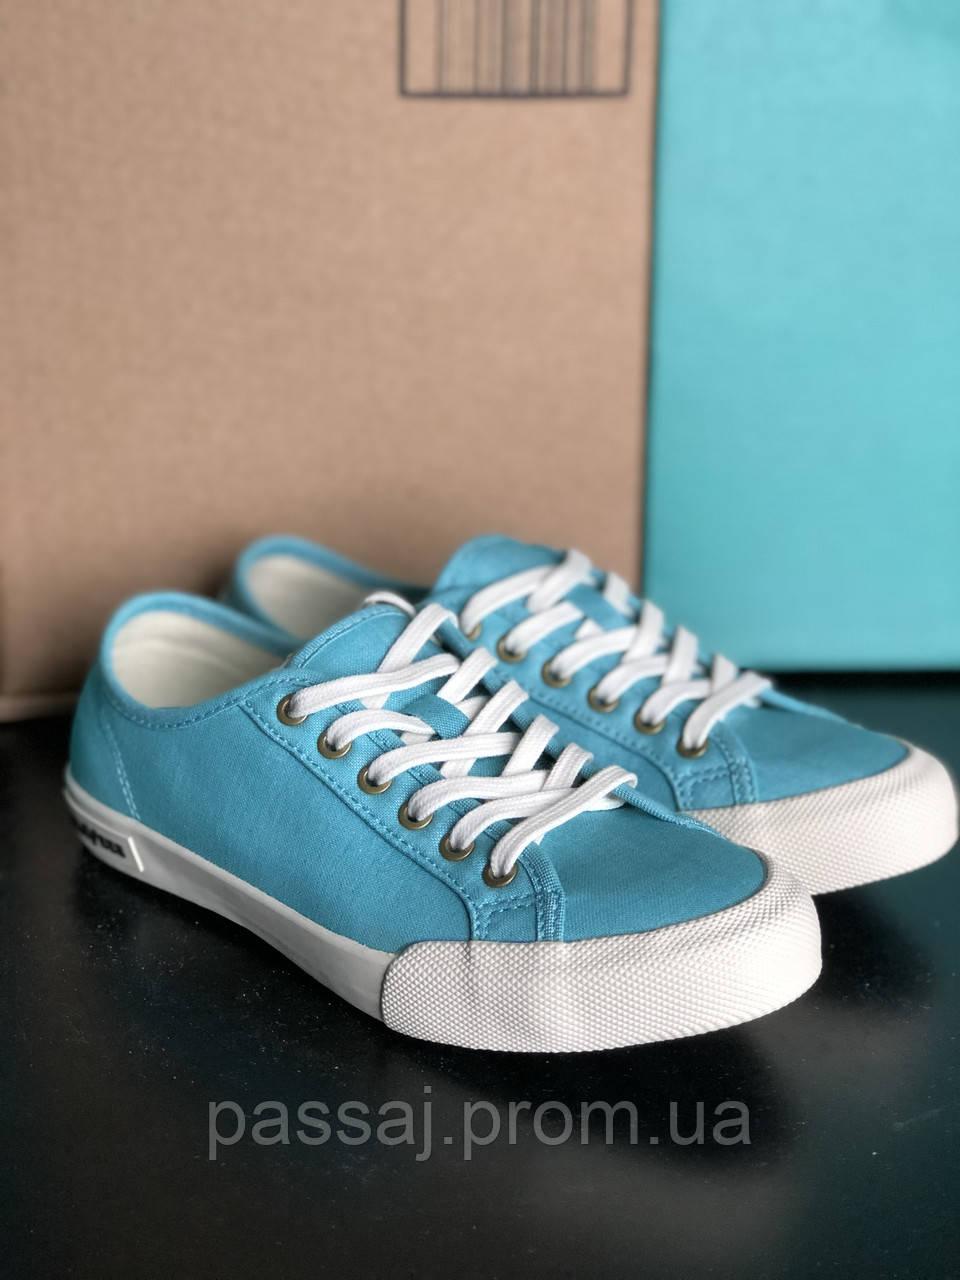 Блакитні, бірюзові кеди бренд seavees 06/67 monterey oxford seevees